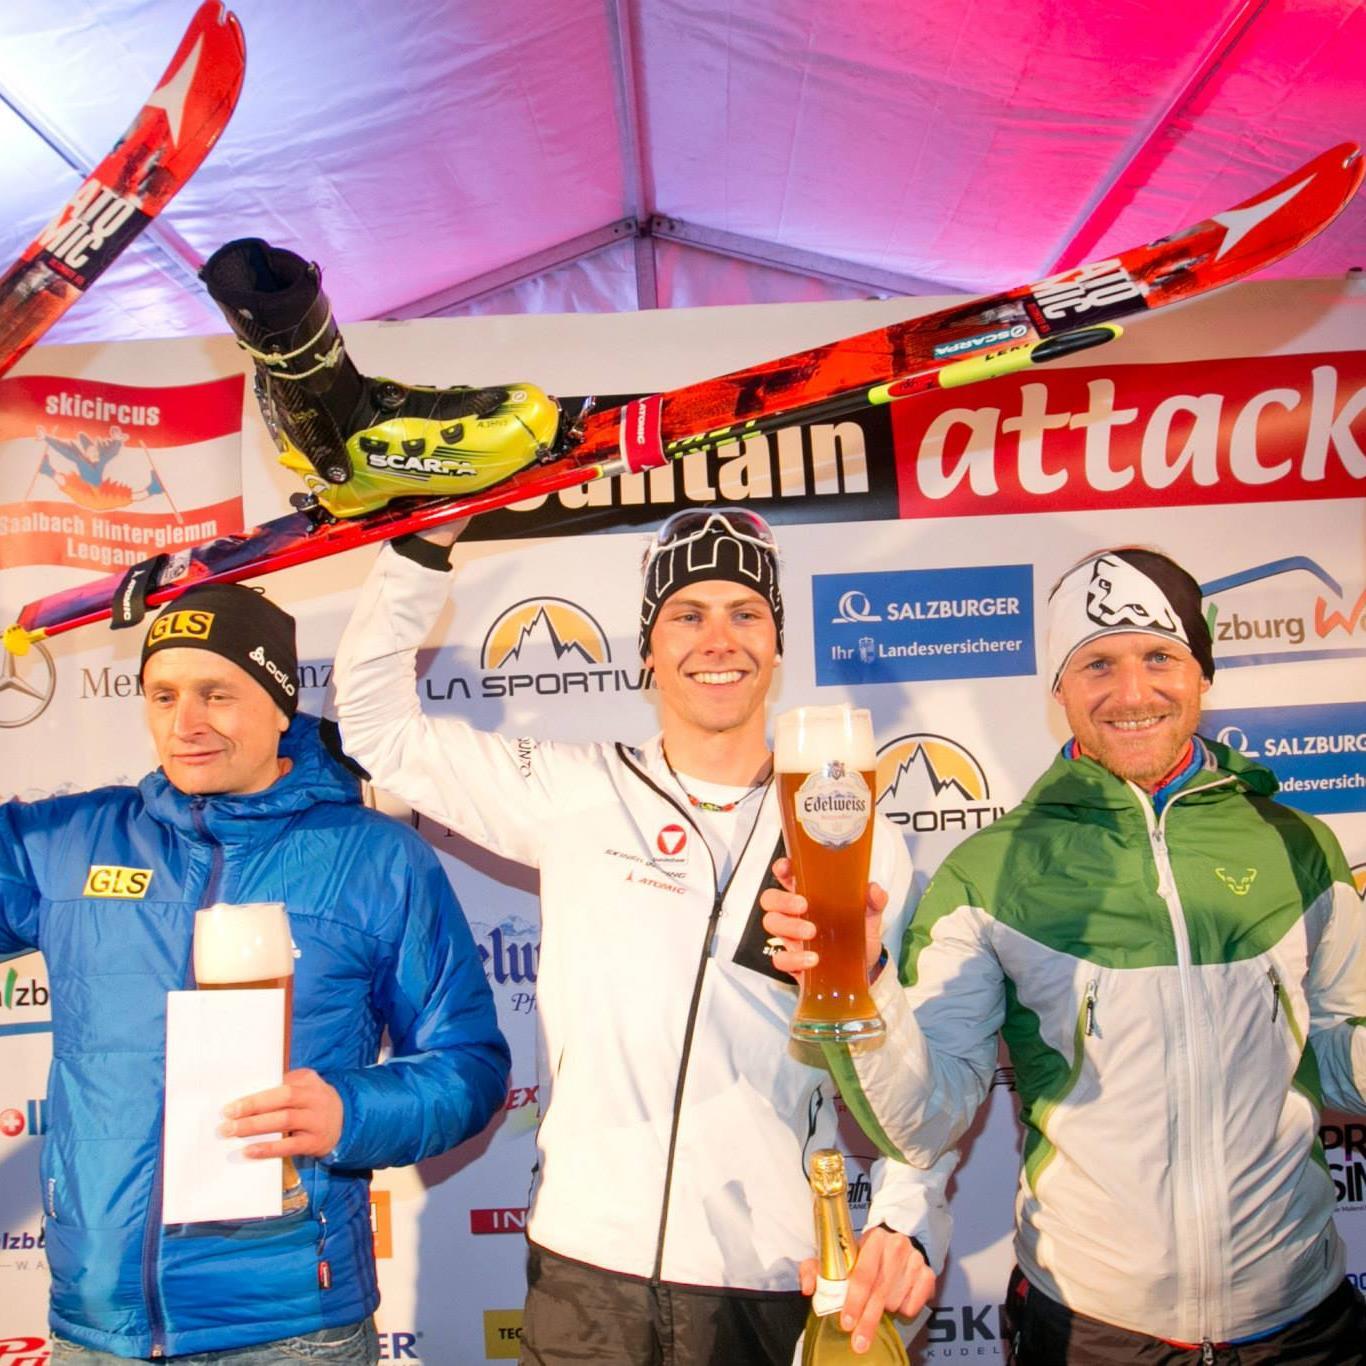 Der St. Gallenkircher Daniel Zugg gewinnt sensationell den Mountain Attack in Saalbach.